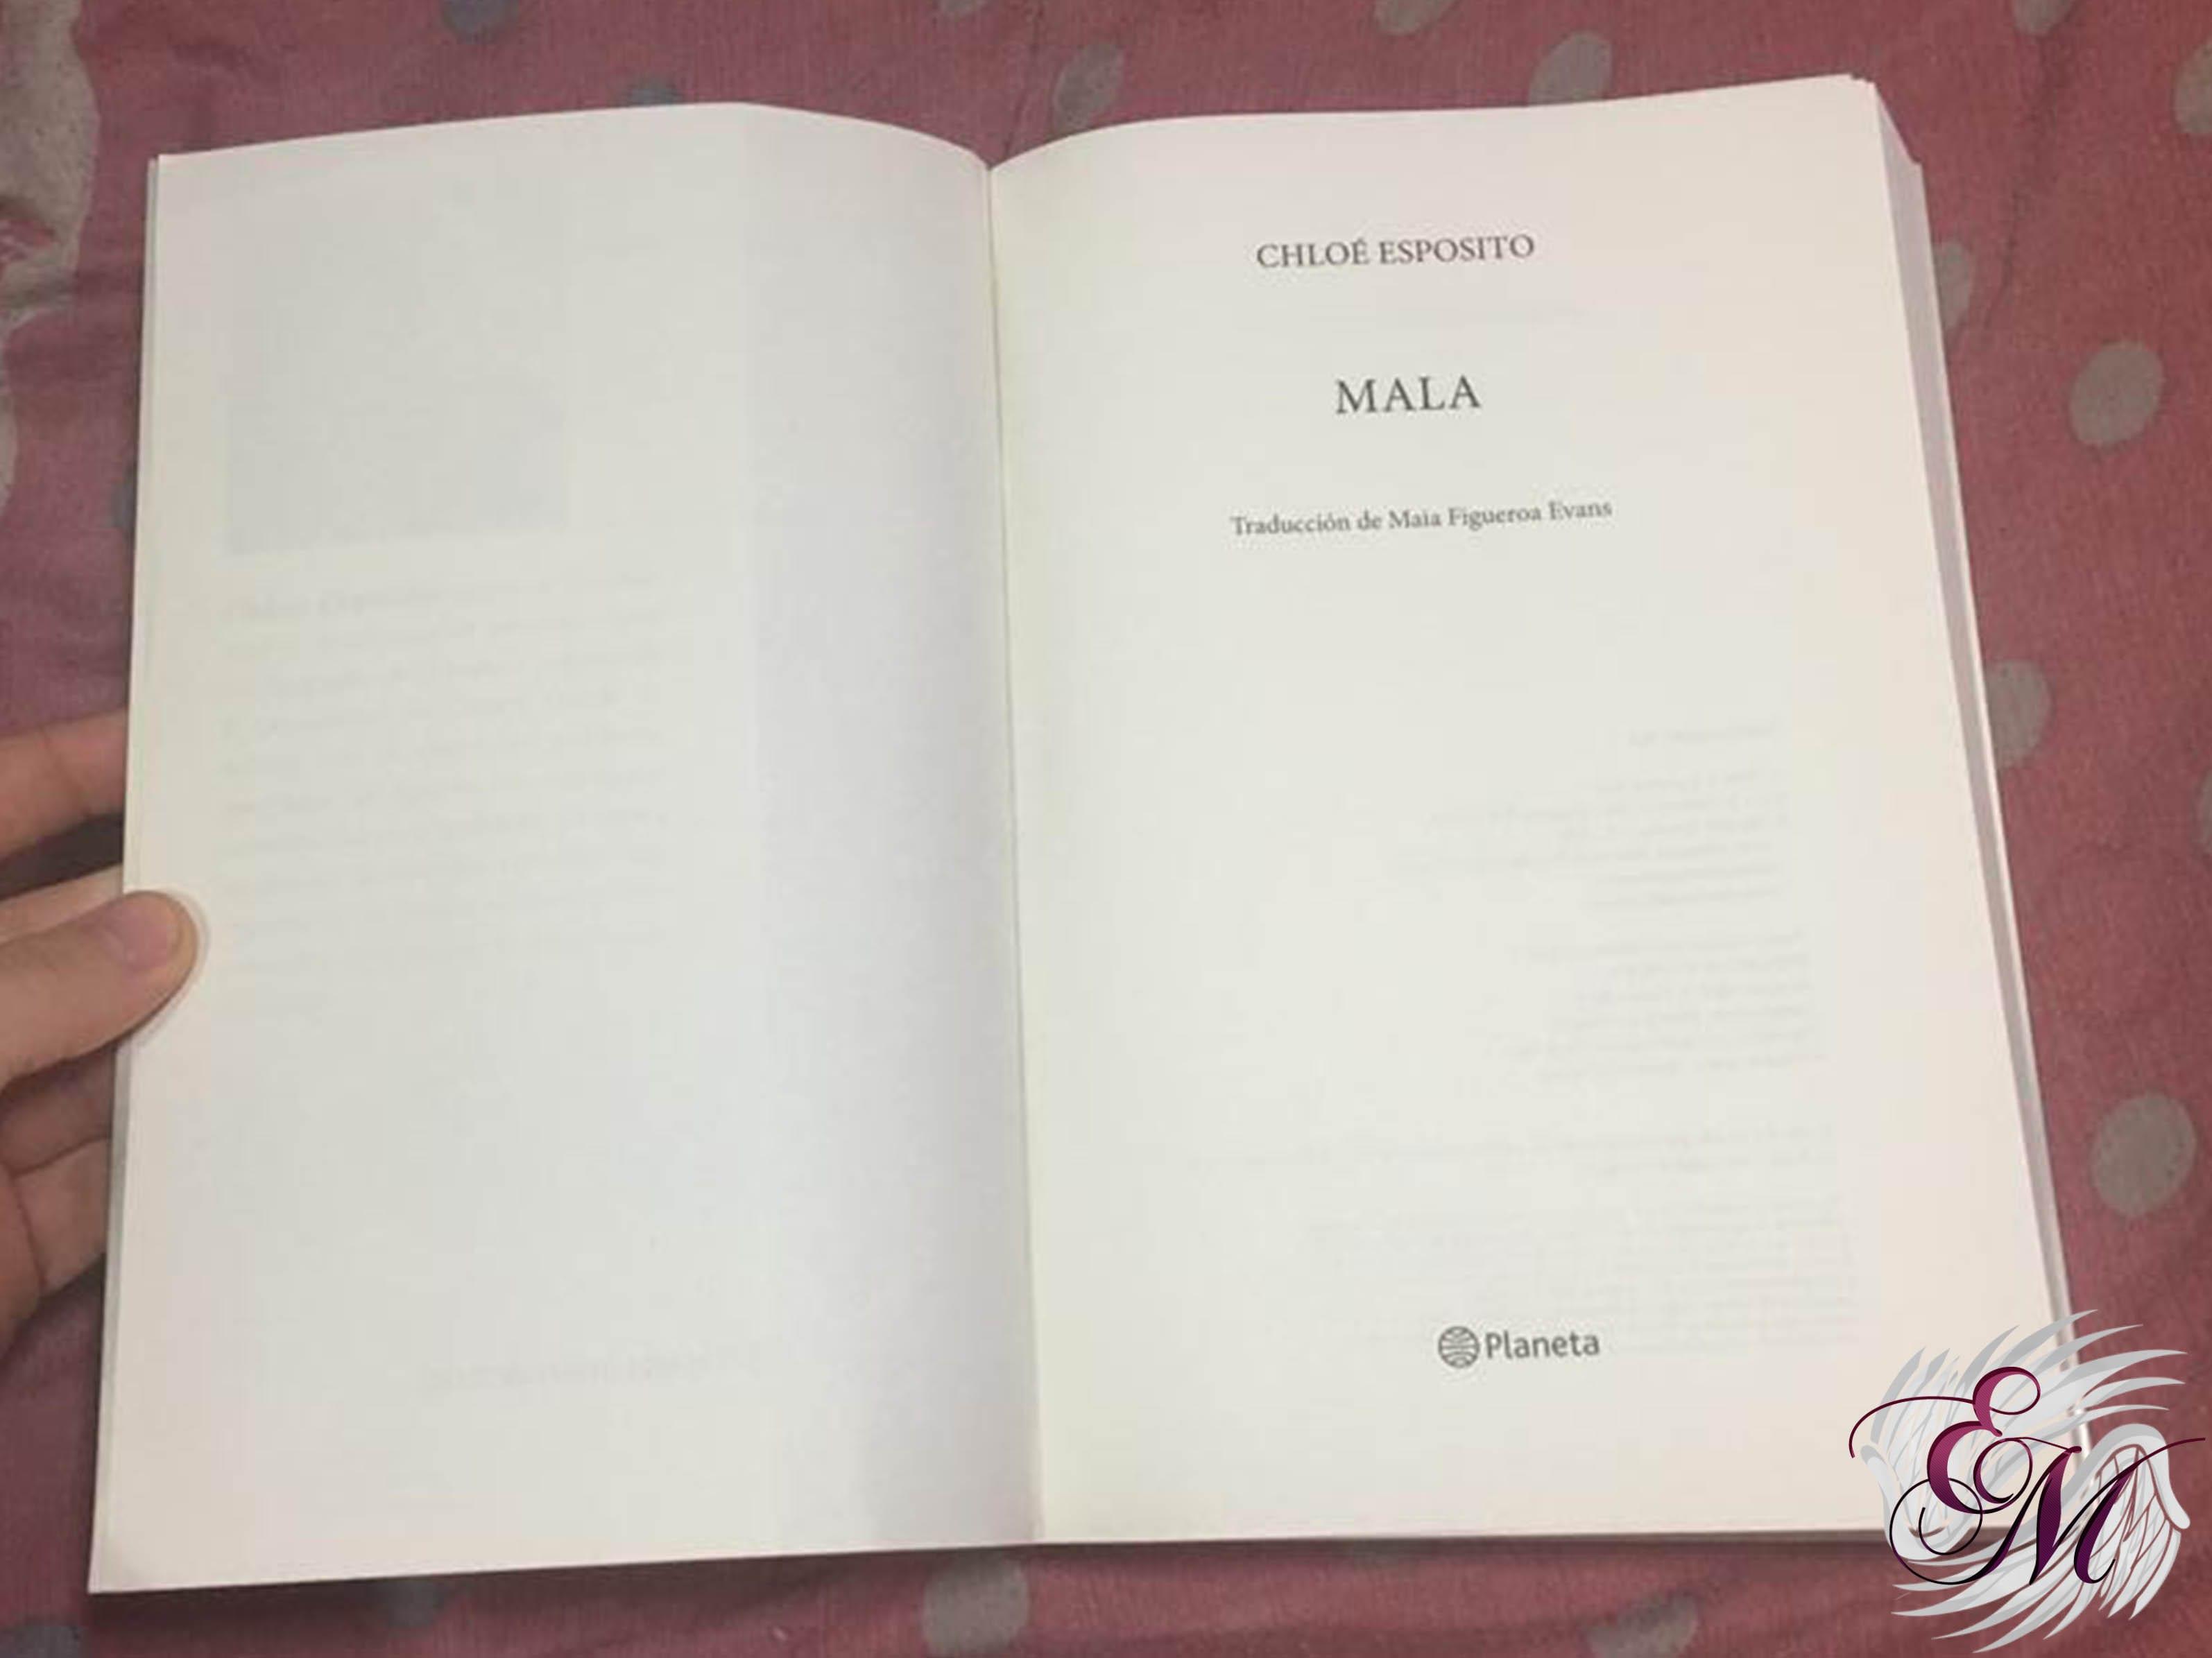 Mala, de Chloé Esposito - Reseña